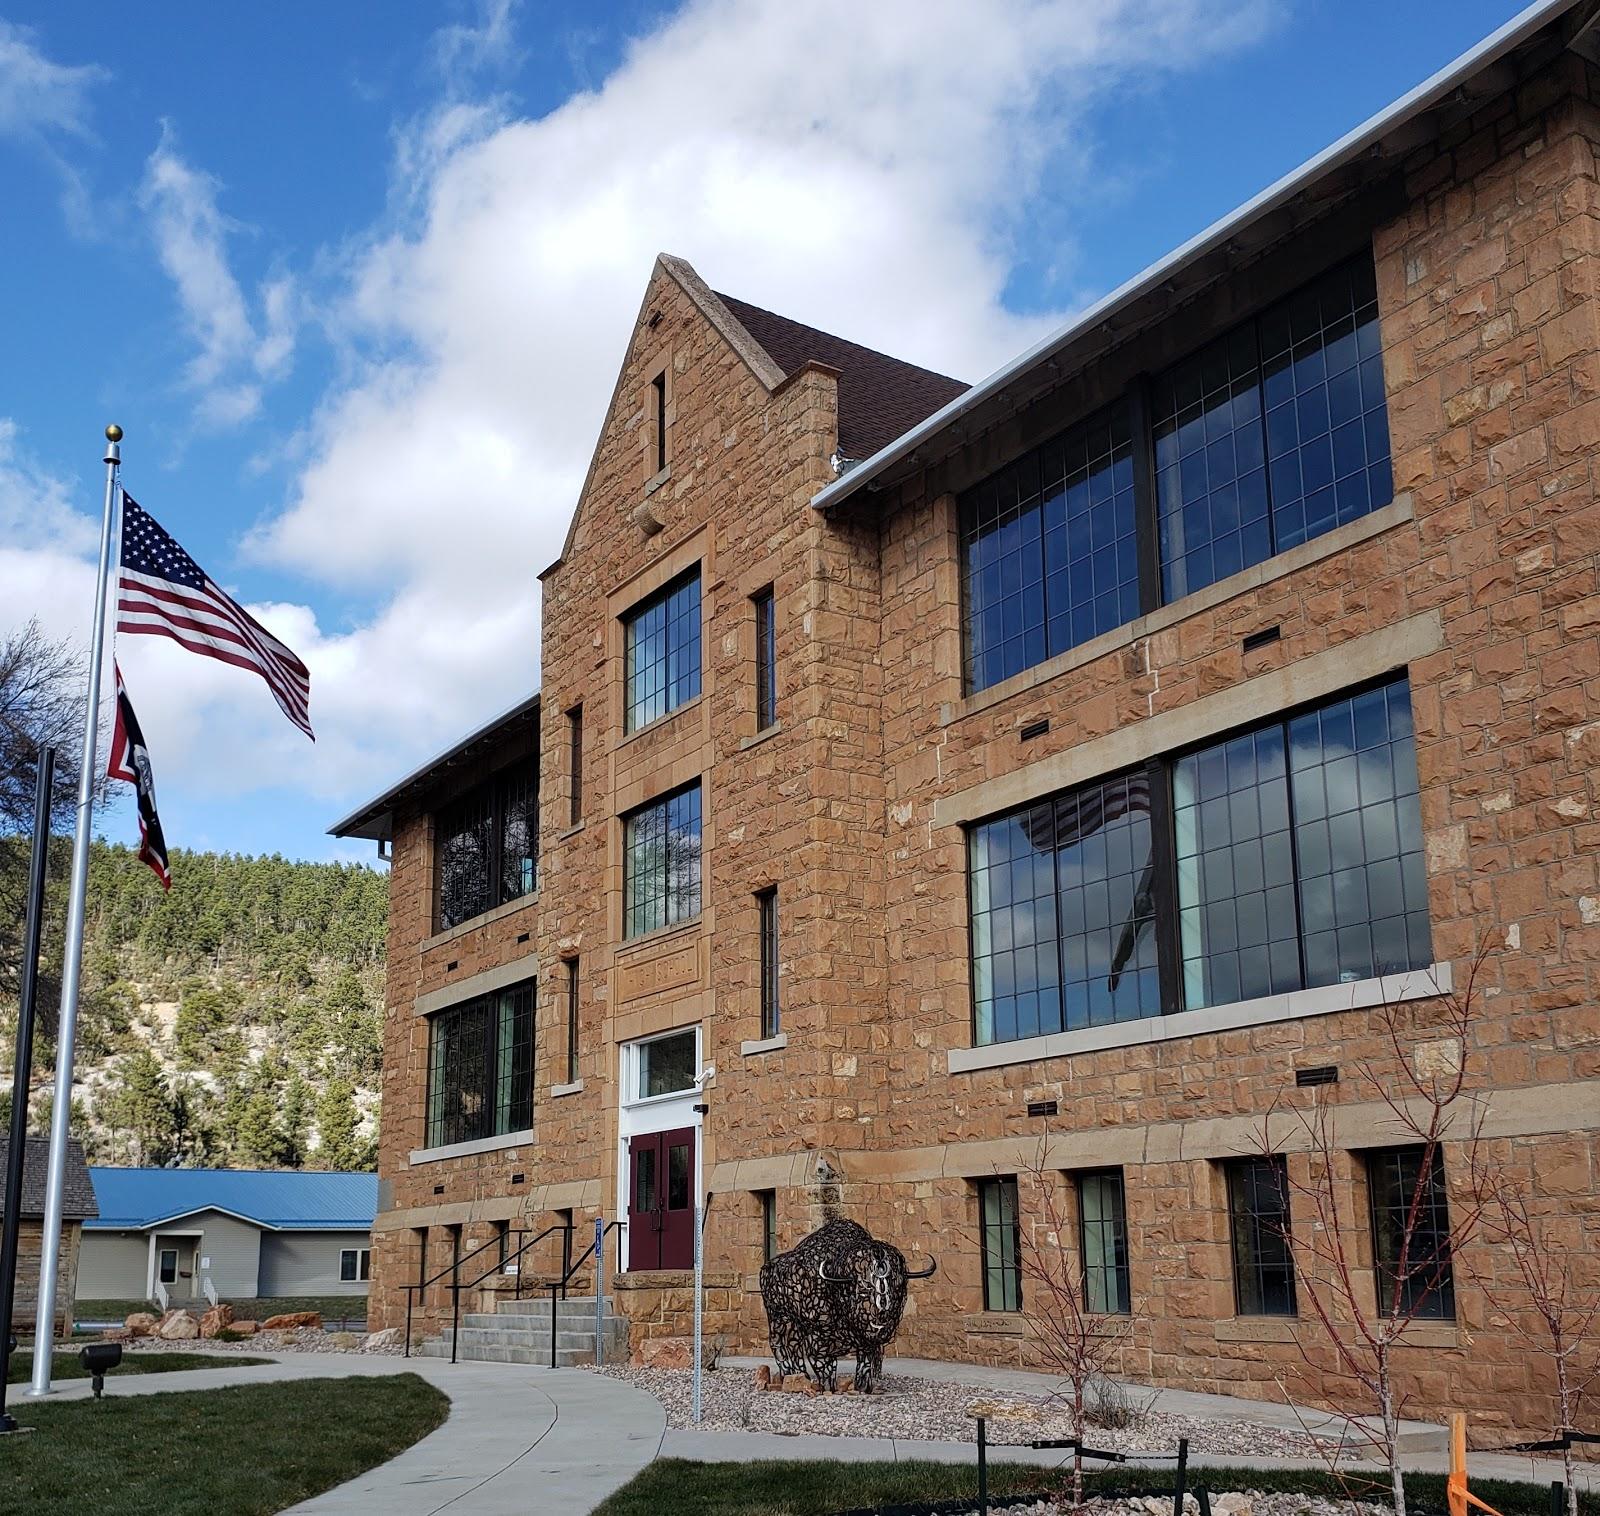 Old Stoney Renovation Center of Sundance Revitalization Main Photo